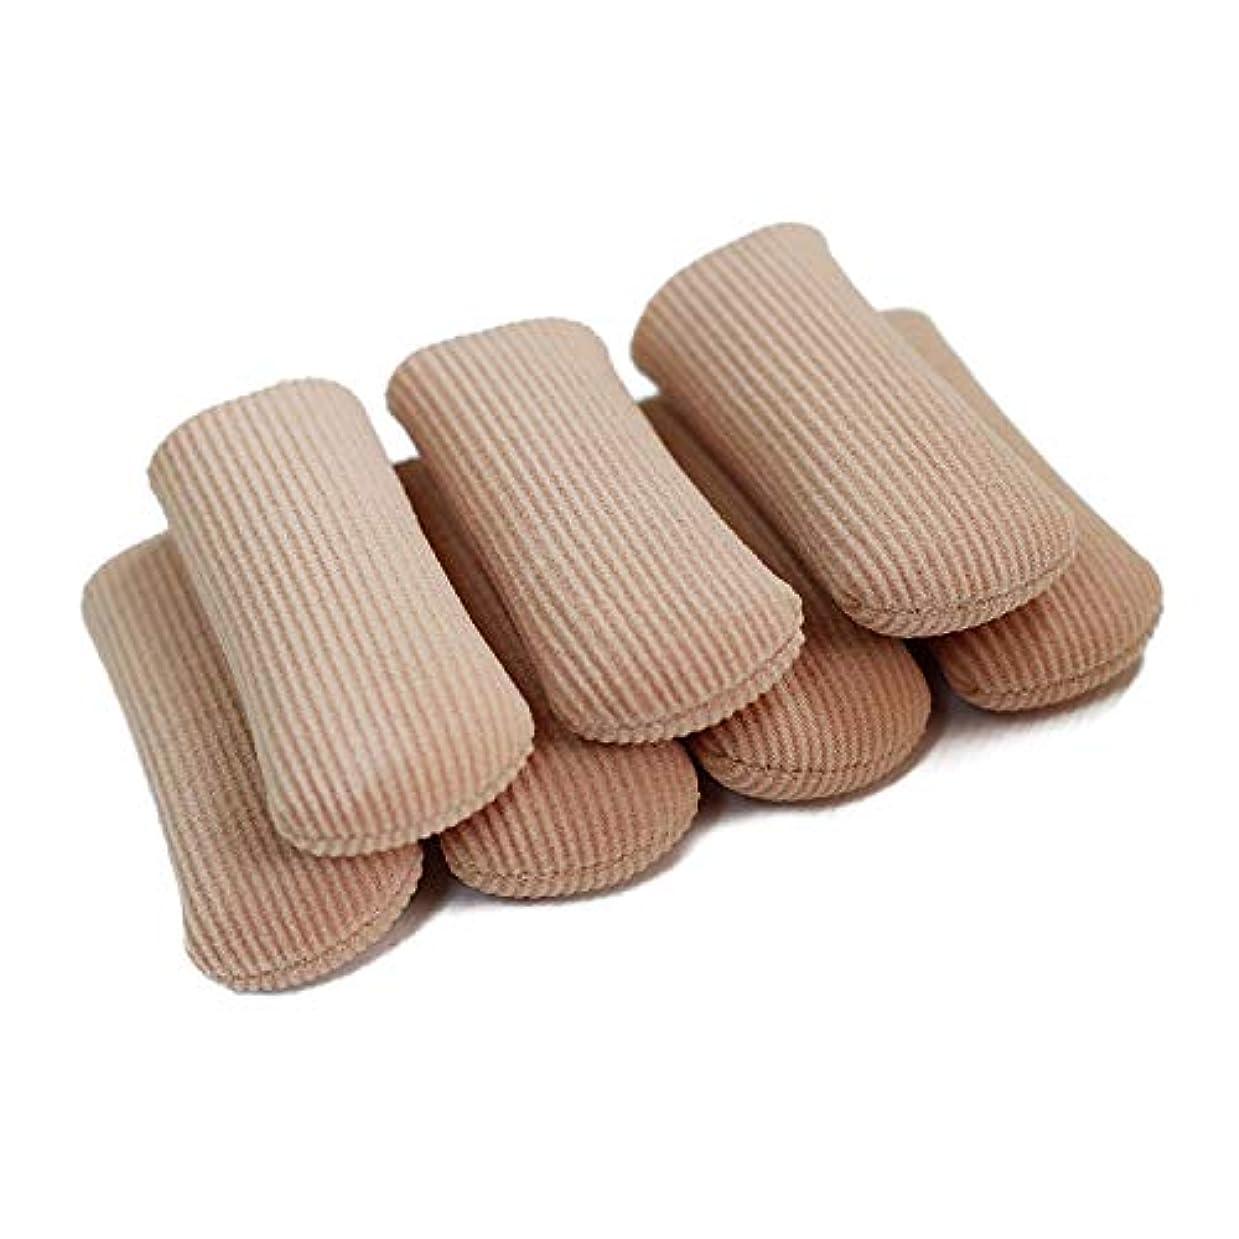 赤面圧縮宝石6個入 L 足指保護キャップ 撃吸収 レディース メンズ 男 女性適用